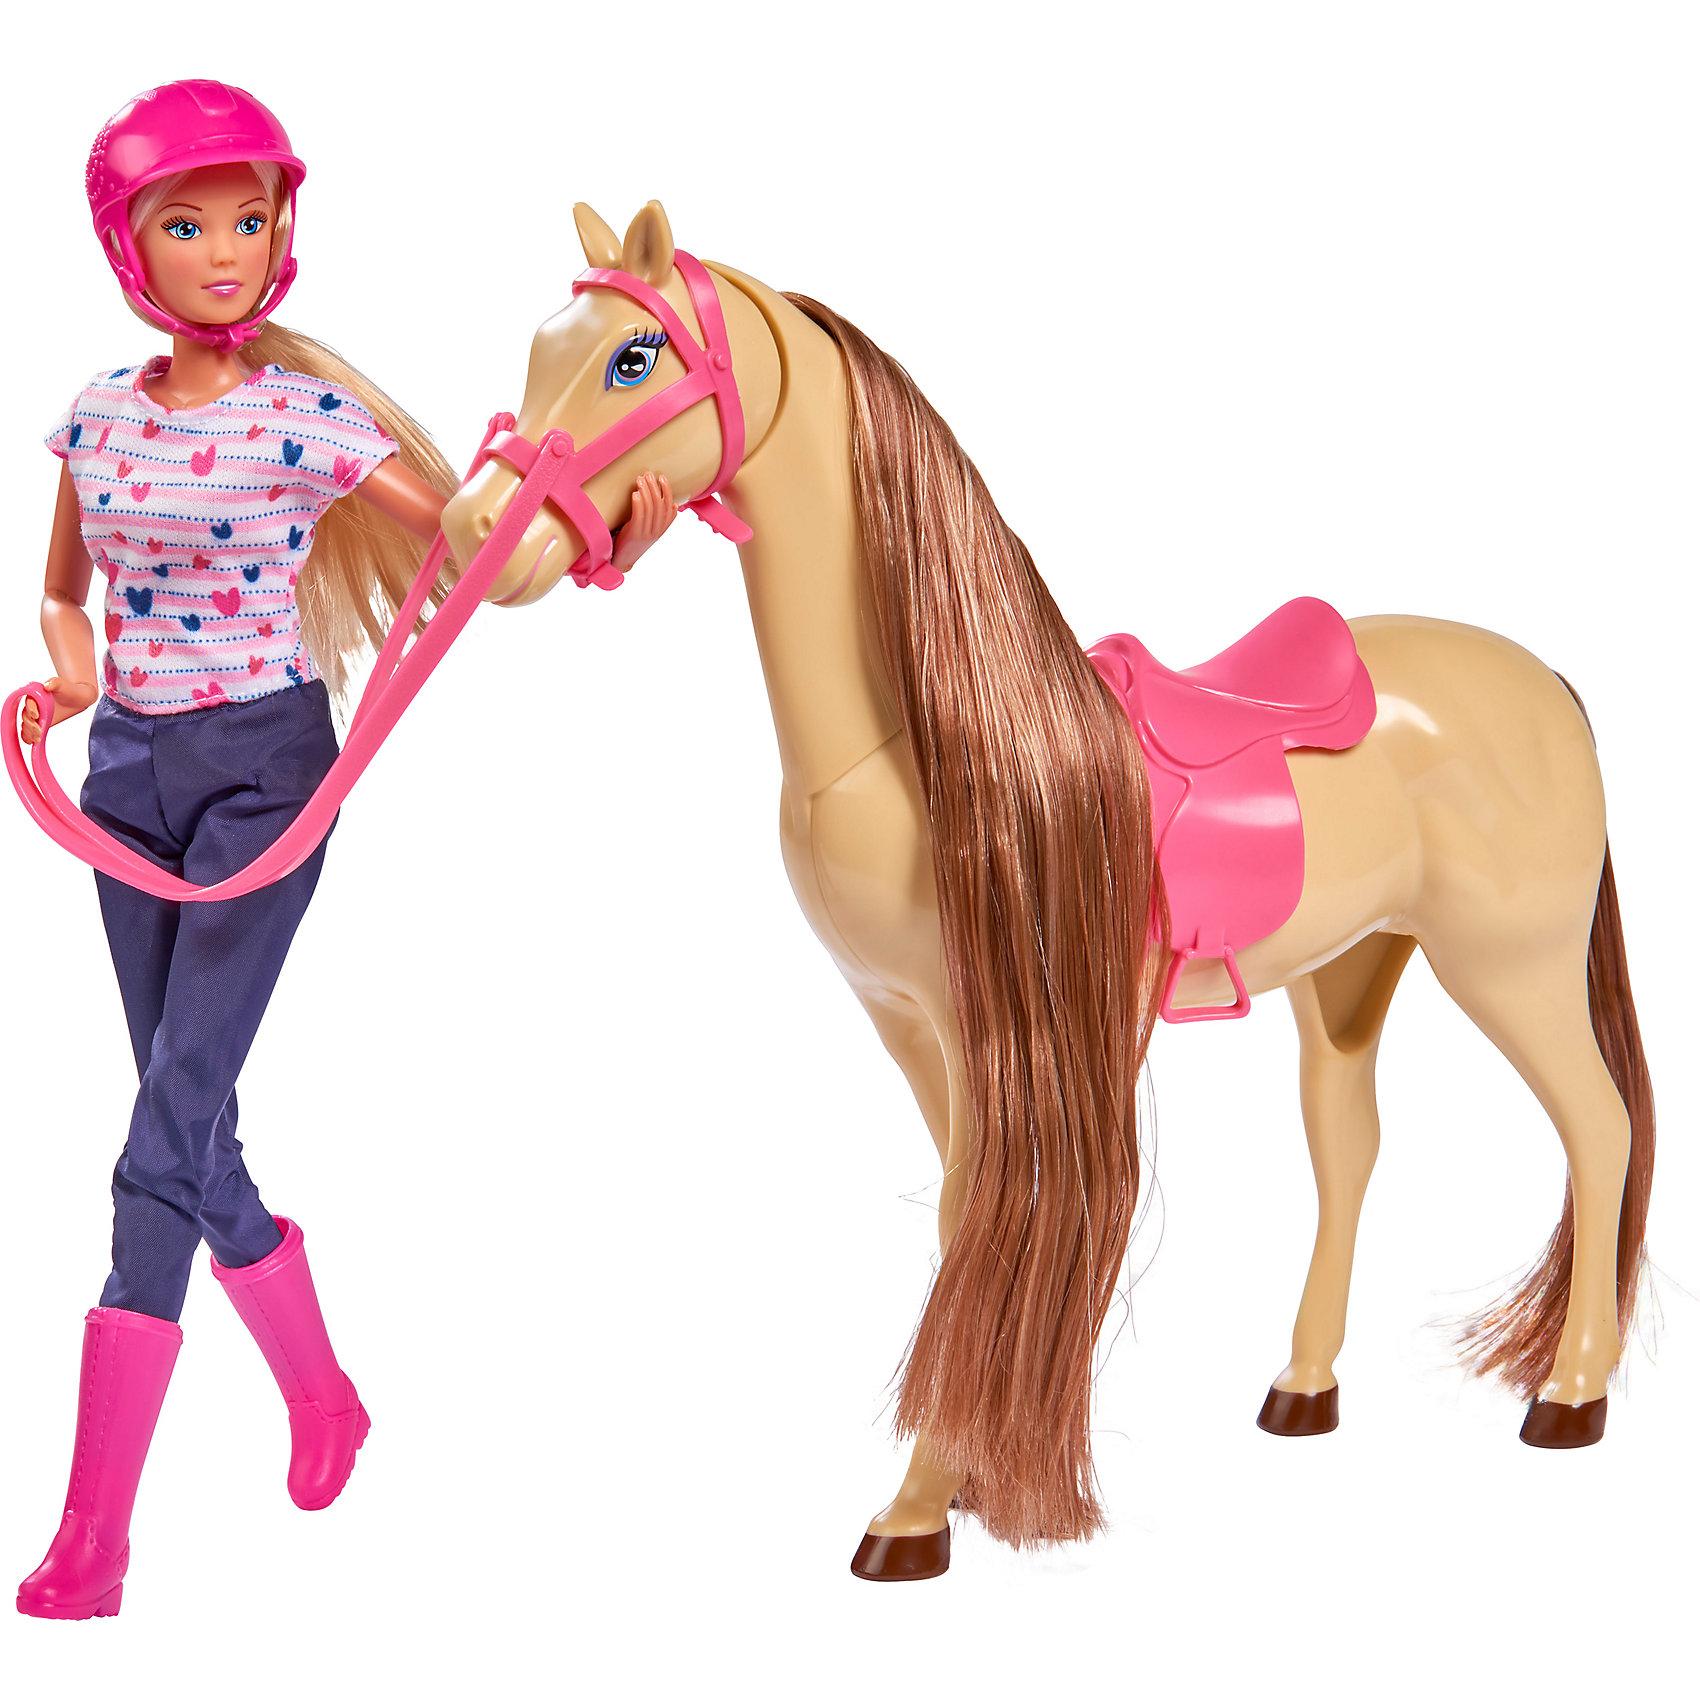 Кукла Штеффи верхом на лошади, 29 см, SimbaХарактеристики товара:<br><br>- цвет: разноцветный;<br>- материал: пластик;<br>- возраст: от трех лет;<br>- комплектация: кукла, аксессуары, лошадь;<br>- высота куклы: 29 см.<br><br>Эта симпатичная кукла Штеффи от известного бренда не оставит девочку равнодушной! Какая девочка сможет отказаться поиграть с куклами, которые дополнены очаровательной лошадью?! В набор входят аксессуары для игр с куклой. Игрушка очень качественно выполнена, поэтому она станет замечательным подарком ребенку. <br>Продается набор в красивой удобной упаковке. Игры с куклами помогают девочкам развить важные навыки и отработать модели социального взаимодействия. Изделие произведено из высококачественного материала, безопасного для детей.<br><br>Куклу Штеффи верхом на лошади от бренда Simba можно купить в нашем интернет-магазине.<br><br>Ширина мм: 340<br>Глубина мм: 302<br>Высота мм: 111<br>Вес г: 661<br>Возраст от месяцев: 36<br>Возраст до месяцев: 72<br>Пол: Женский<br>Возраст: Детский<br>SKU: 3178483